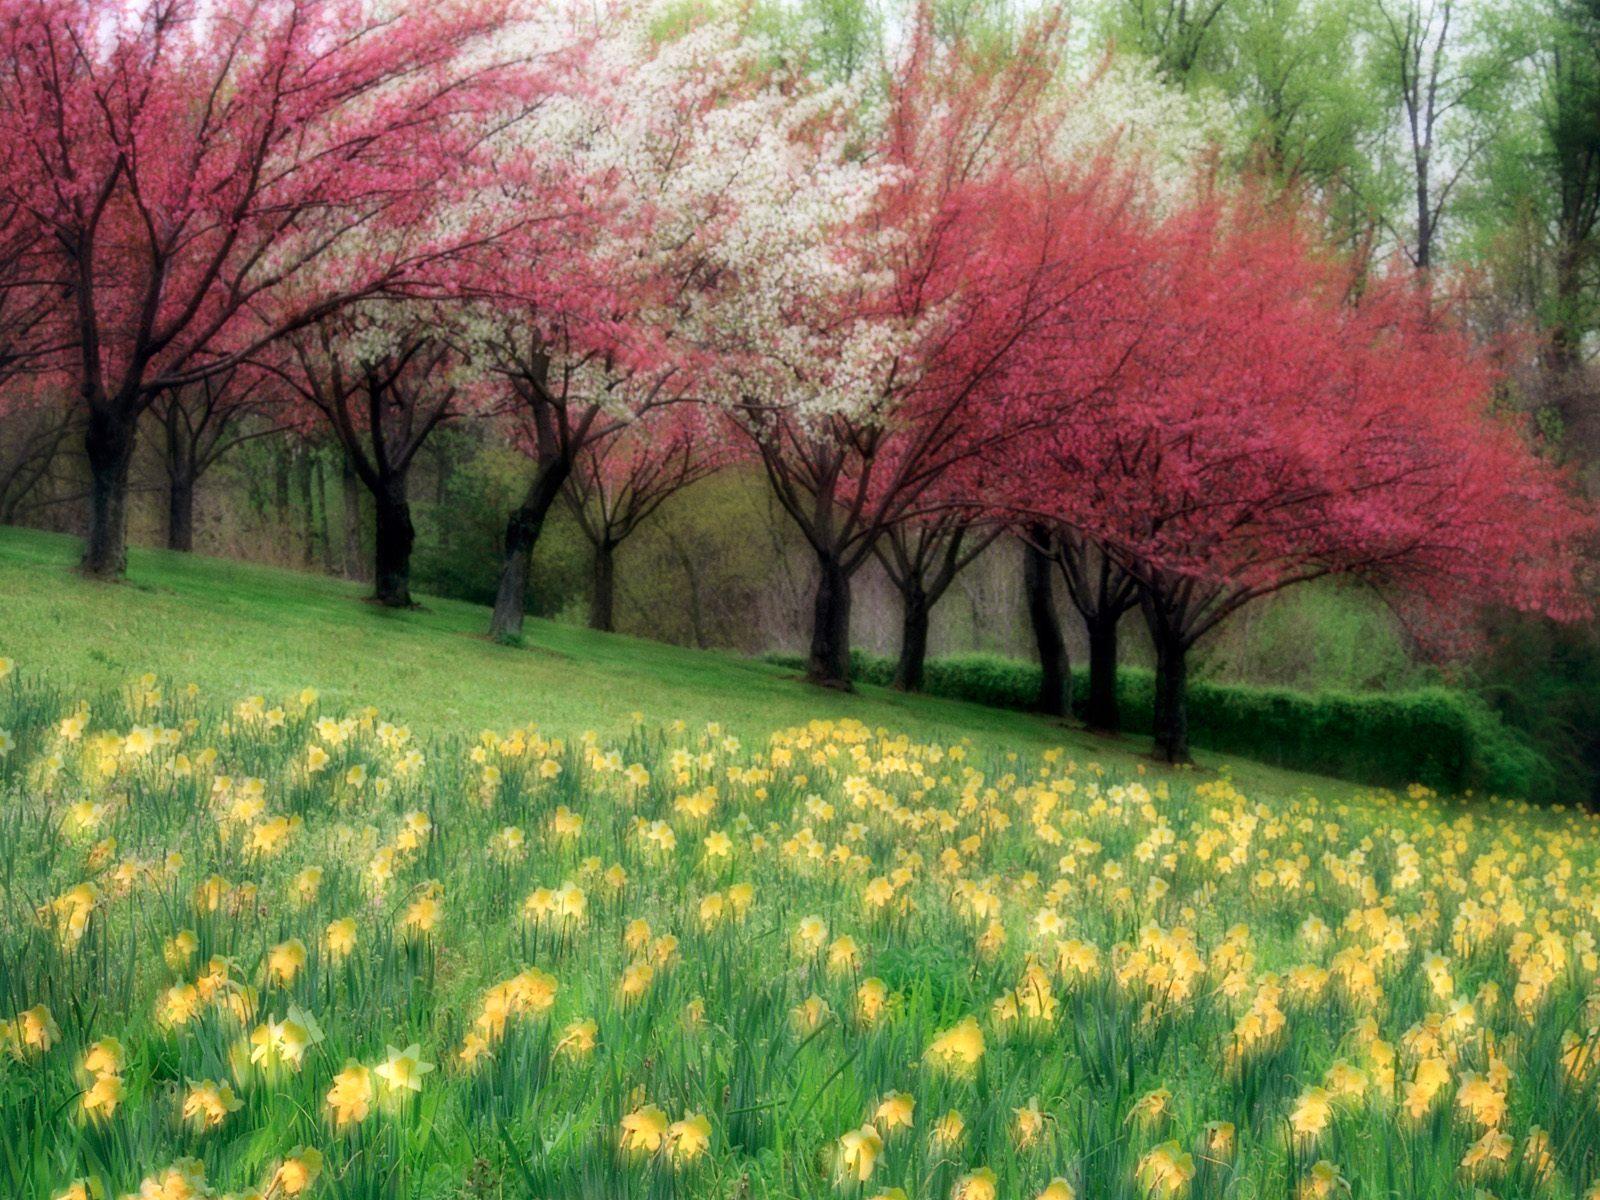 spring wallpaper, цветущие деревья, цветы, поляна, обои для рабочего стола